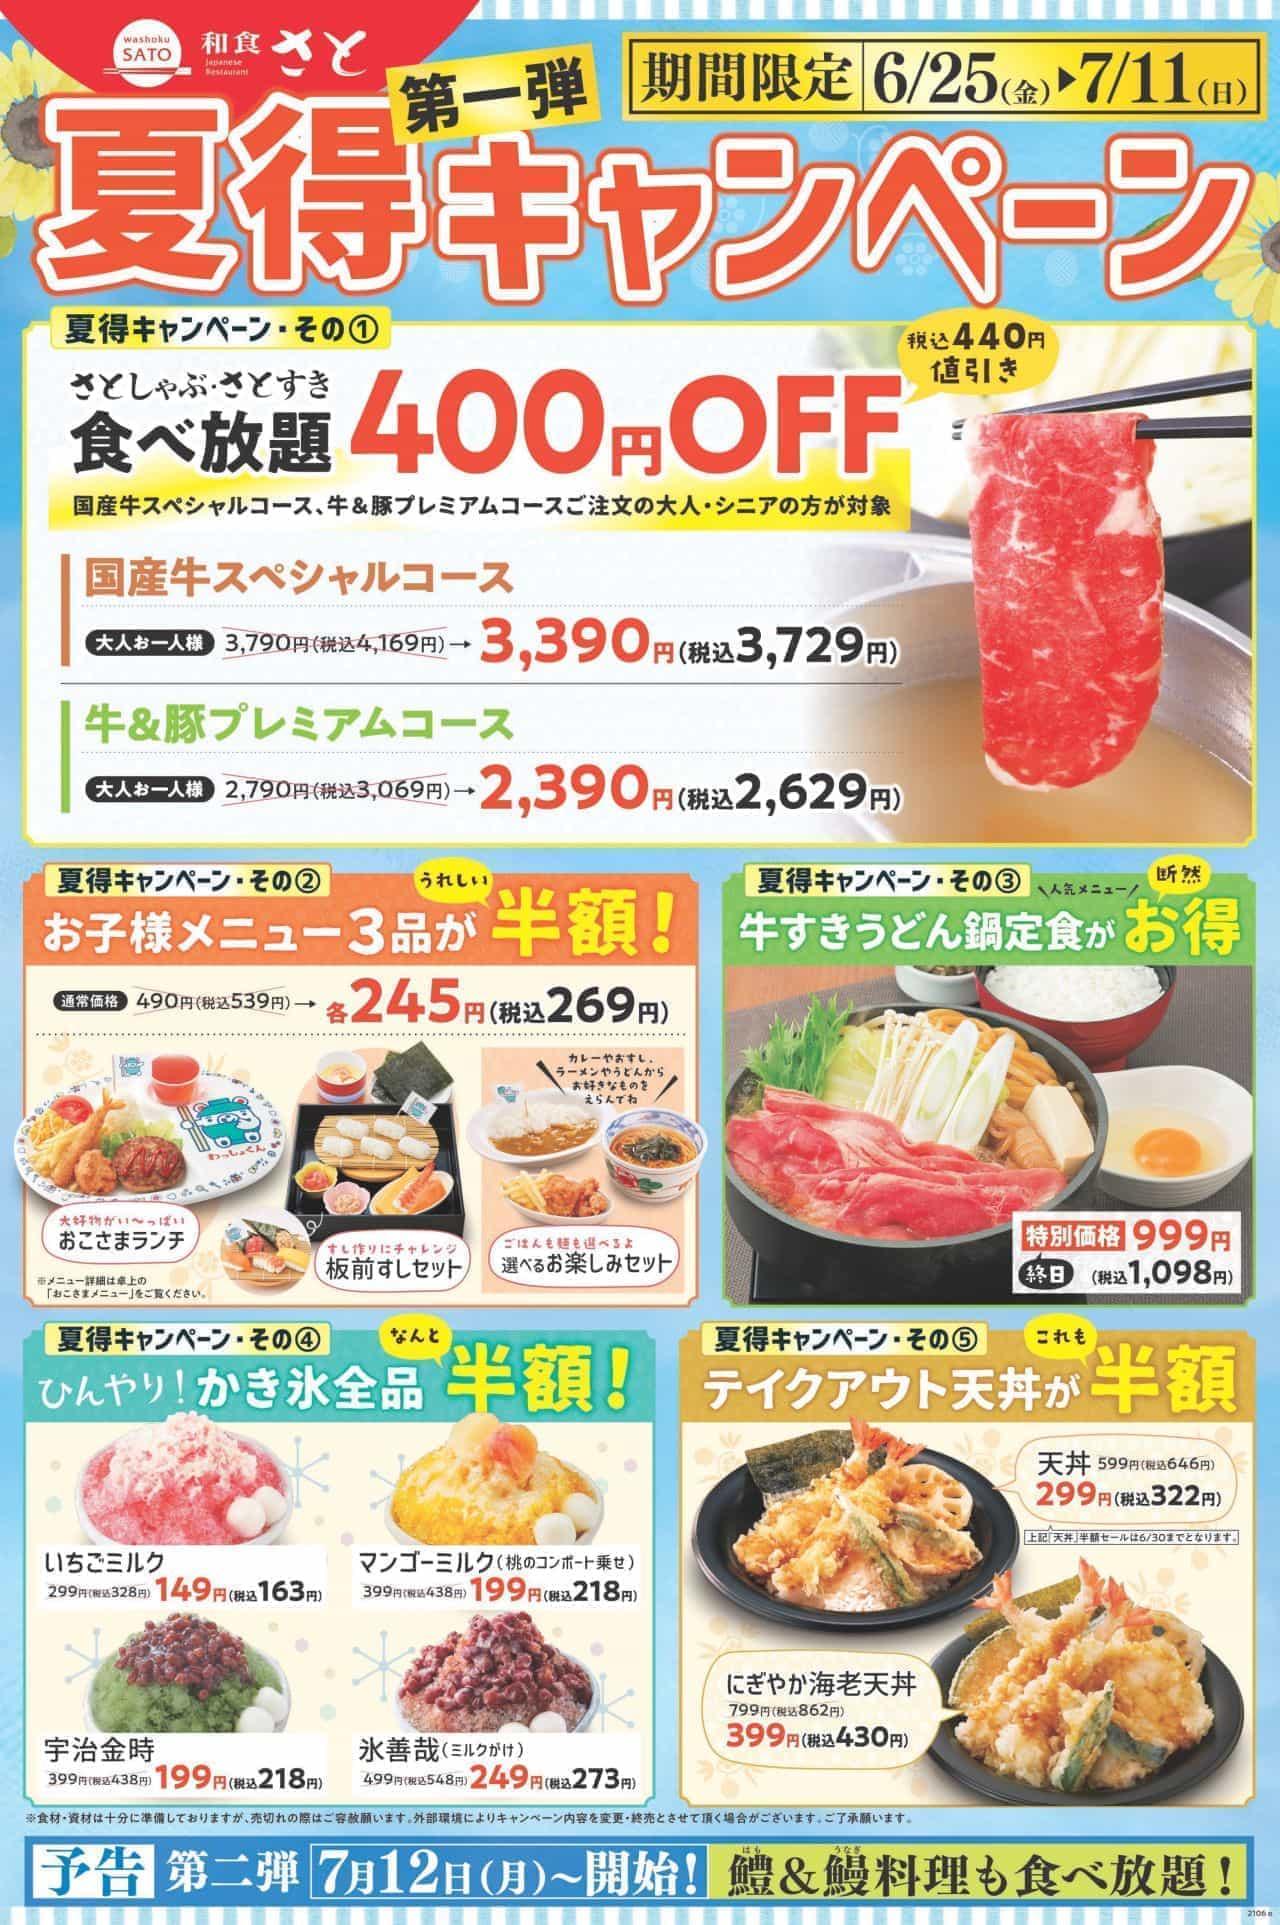 和食さと「夏得キャンペーン」